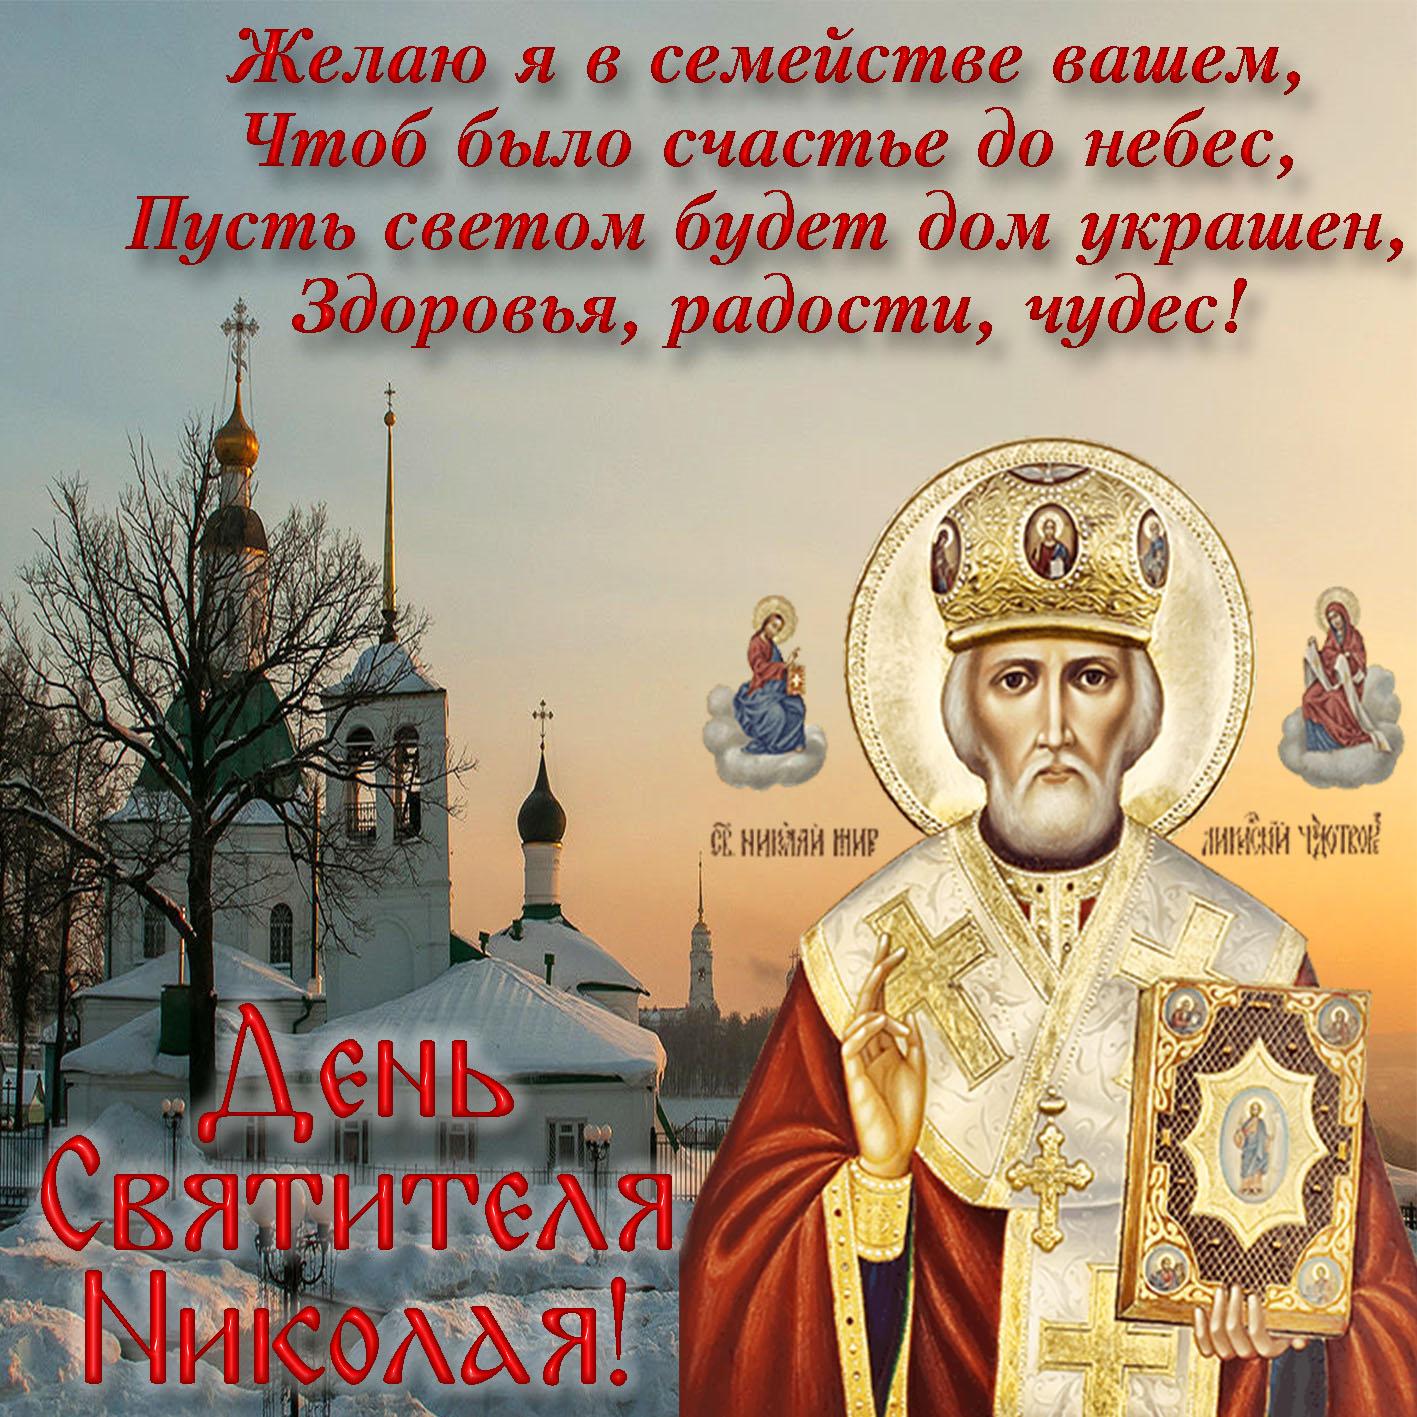 поздравления с днем ангела святителя николая большой